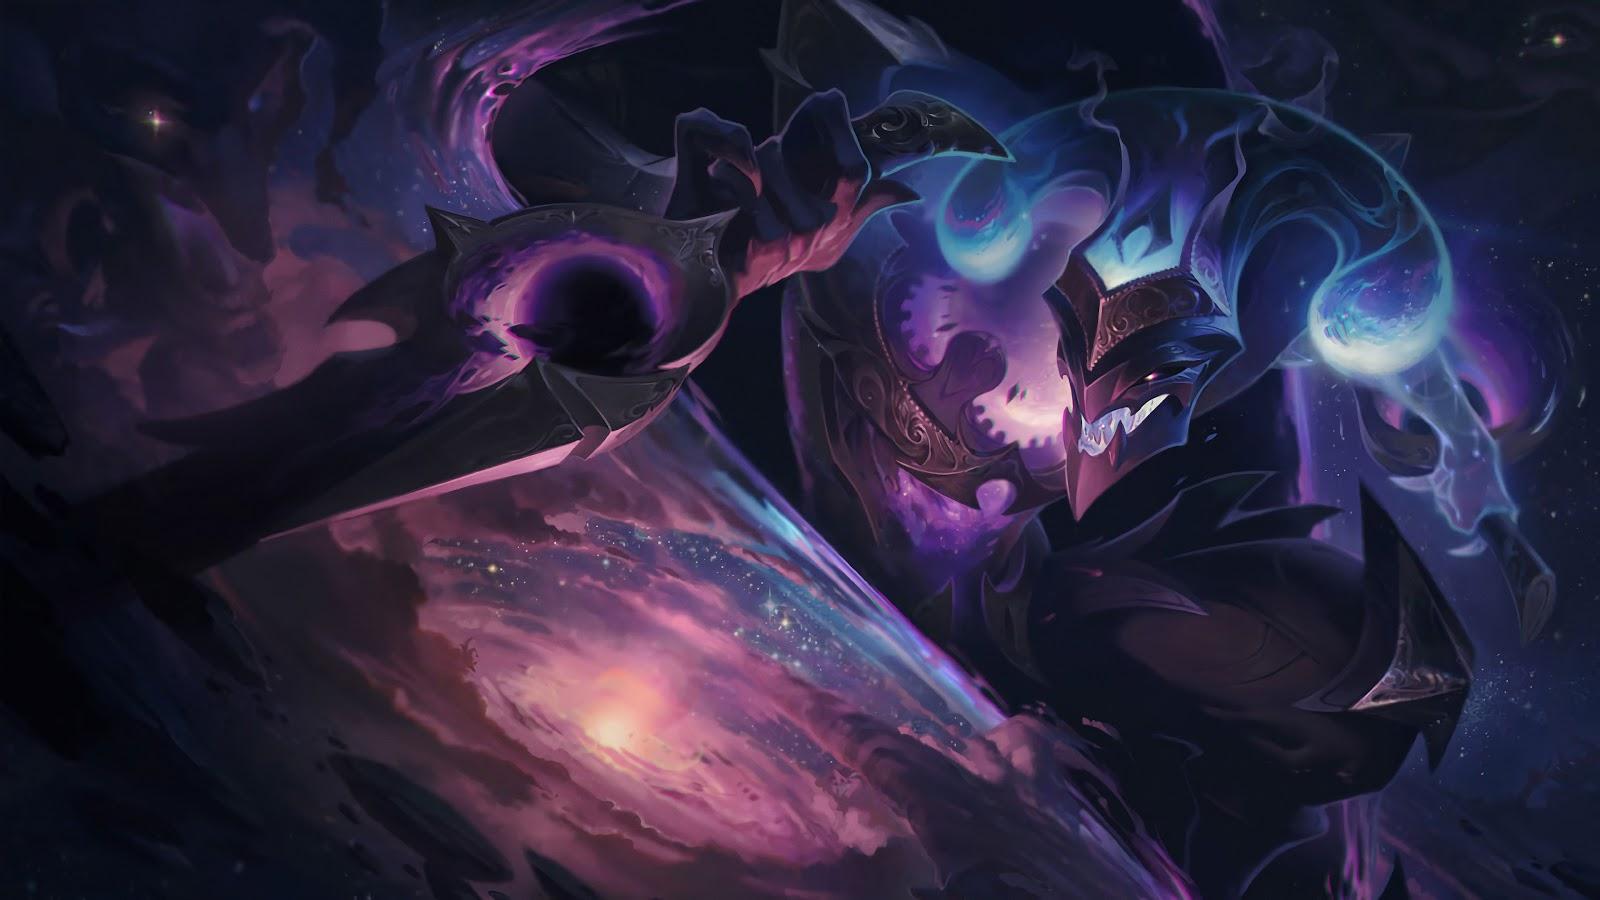 Dark Star Shaco Splash Art Lol 4k Wallpaper 89